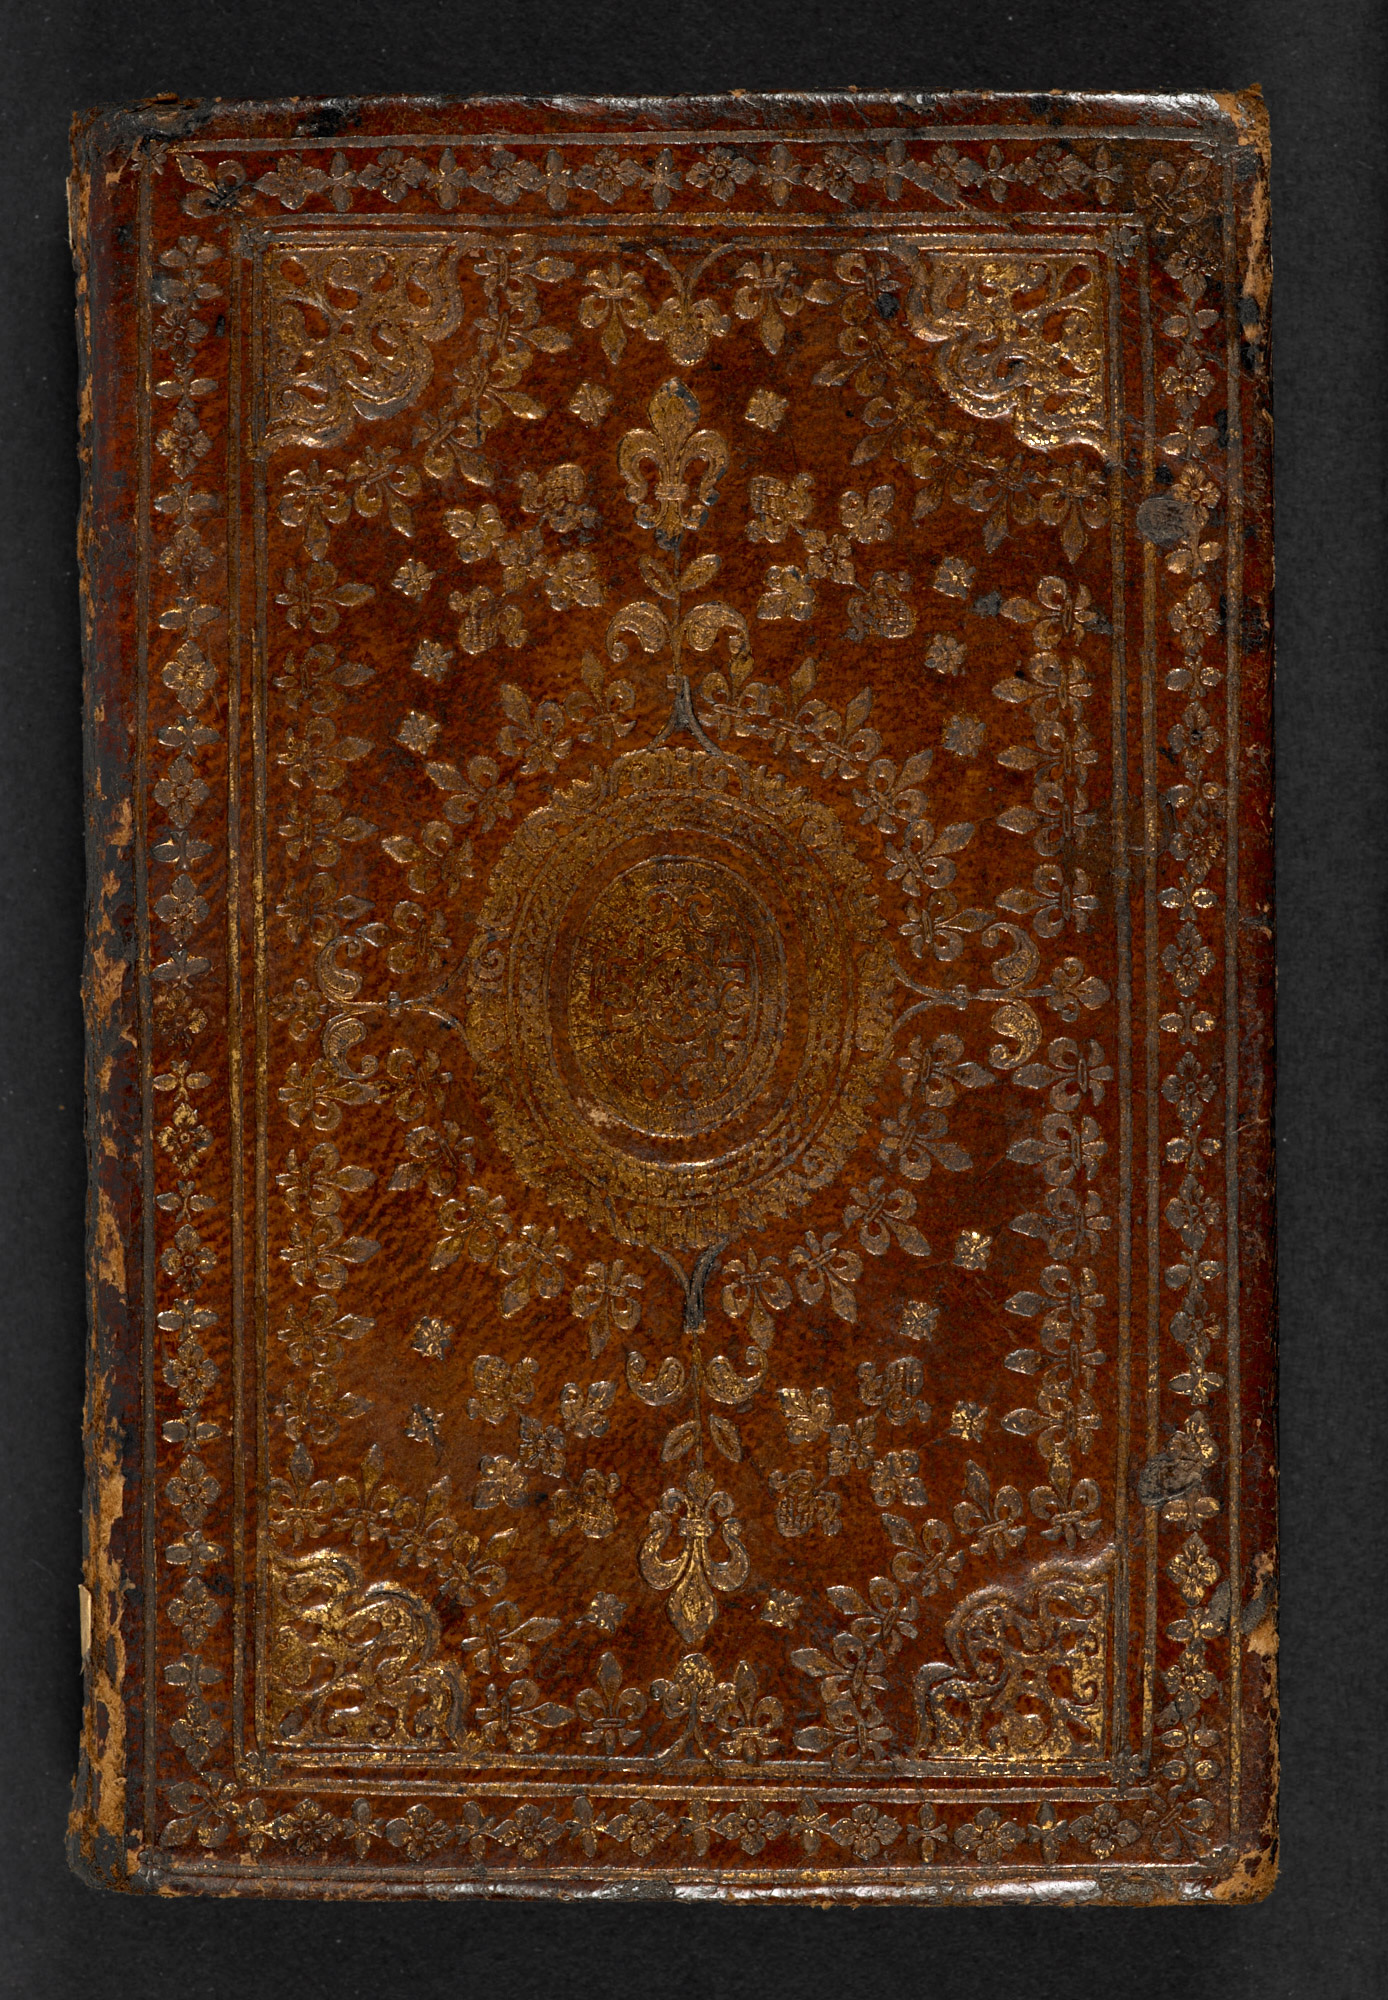 Printed edition of King James VI and I's Basilikon Doron